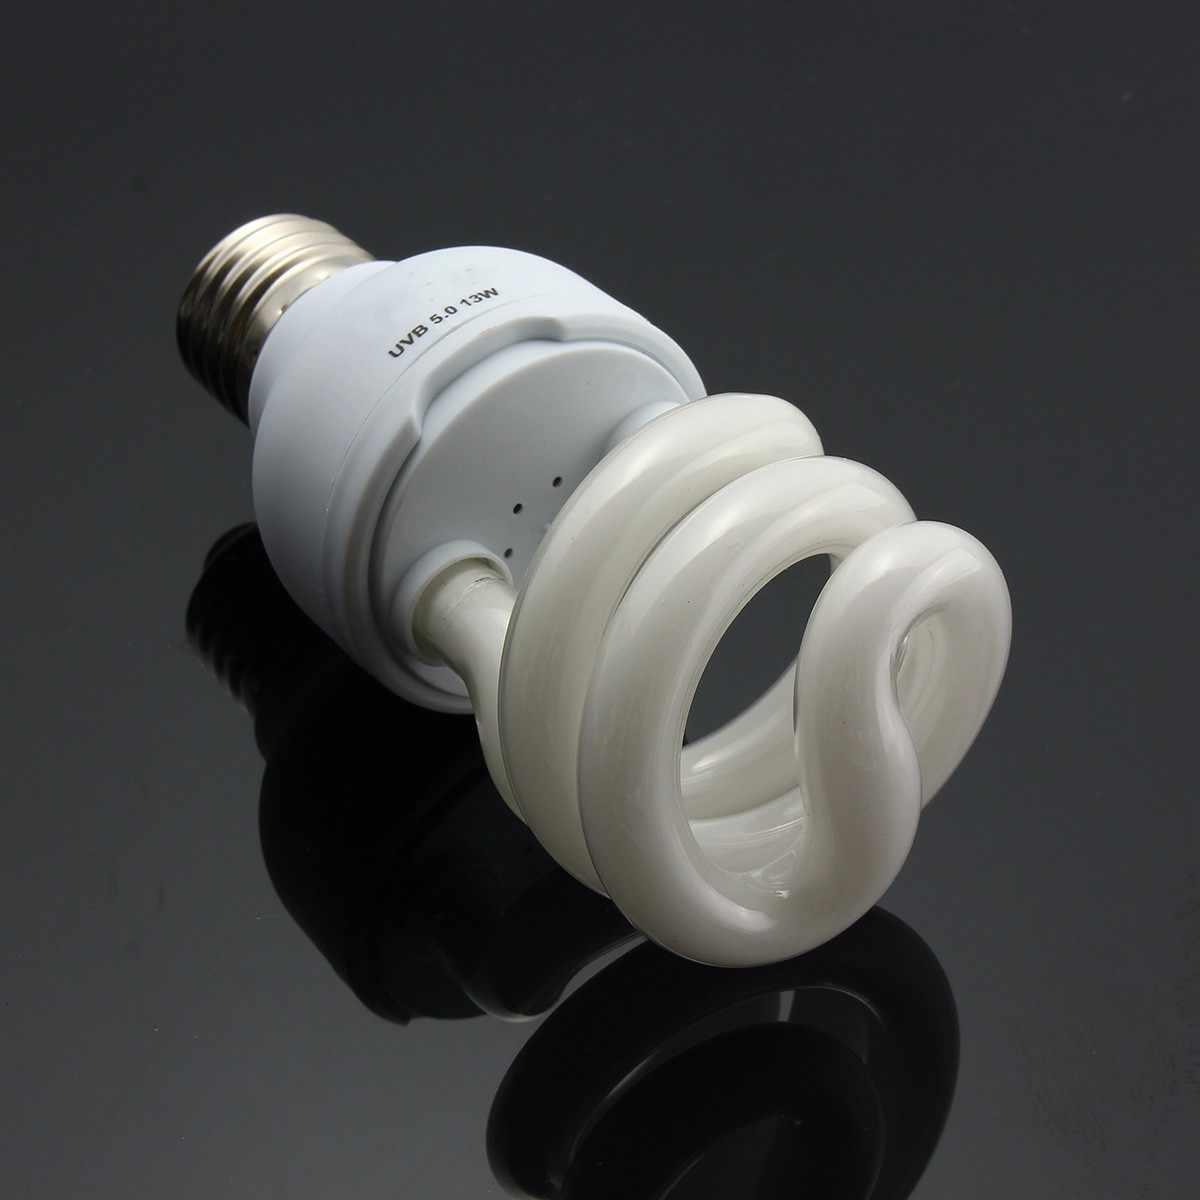 AC220V 13W Günışığı Ampul Pet Sürüngen hafif parlamalı ısı yayıcı lamba Için Vivaryum Teraryum Kaplumbağa Kaplumbağa Balık Amfibi